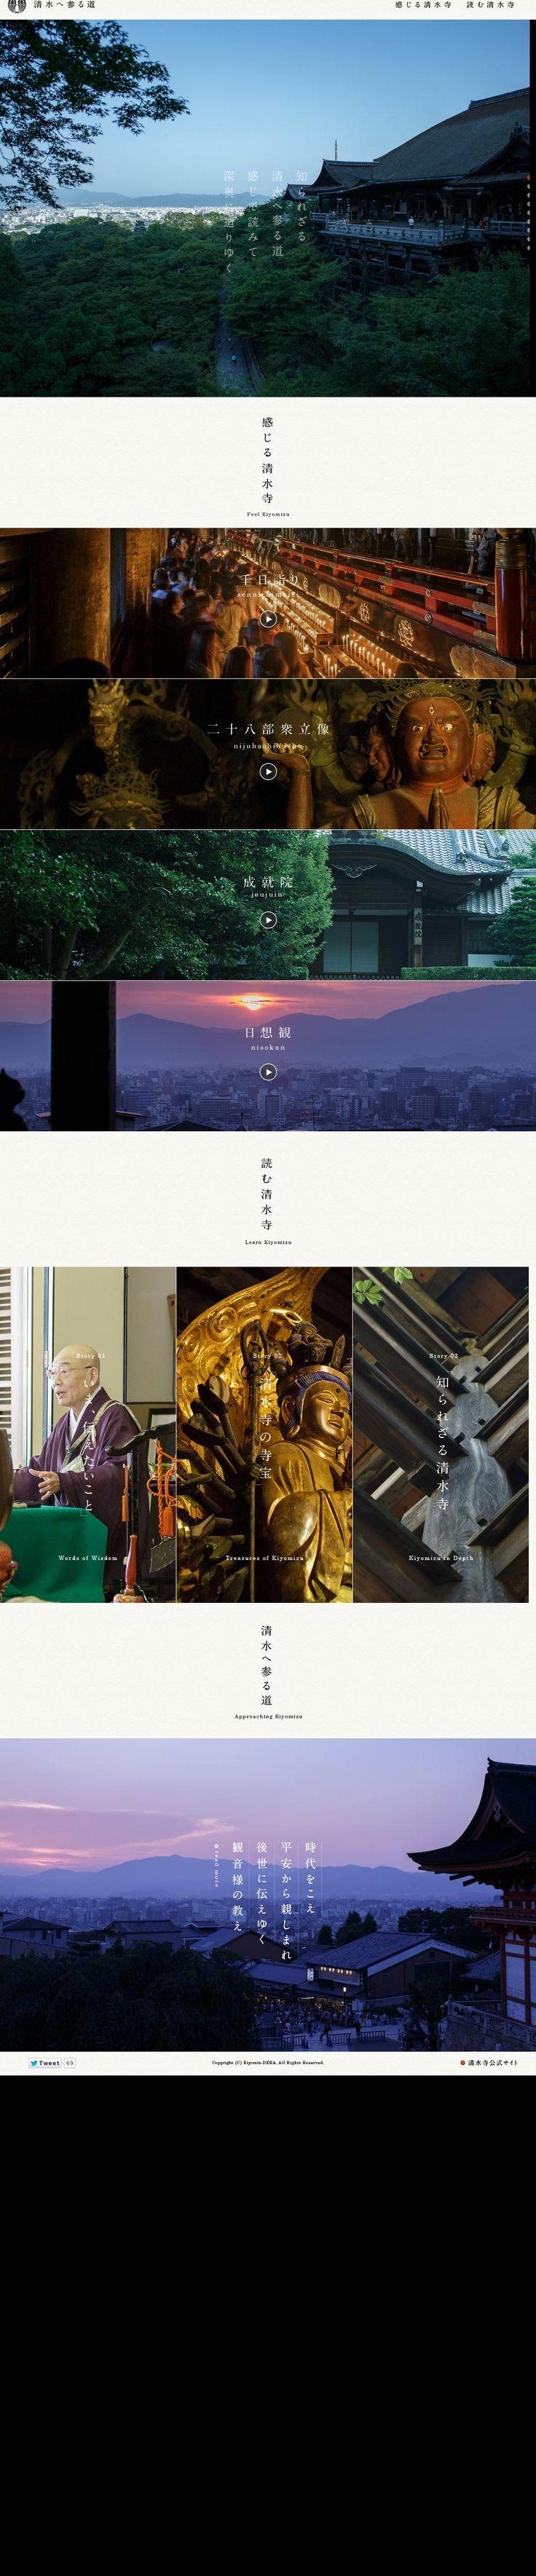 清水寺 #web #design #layout